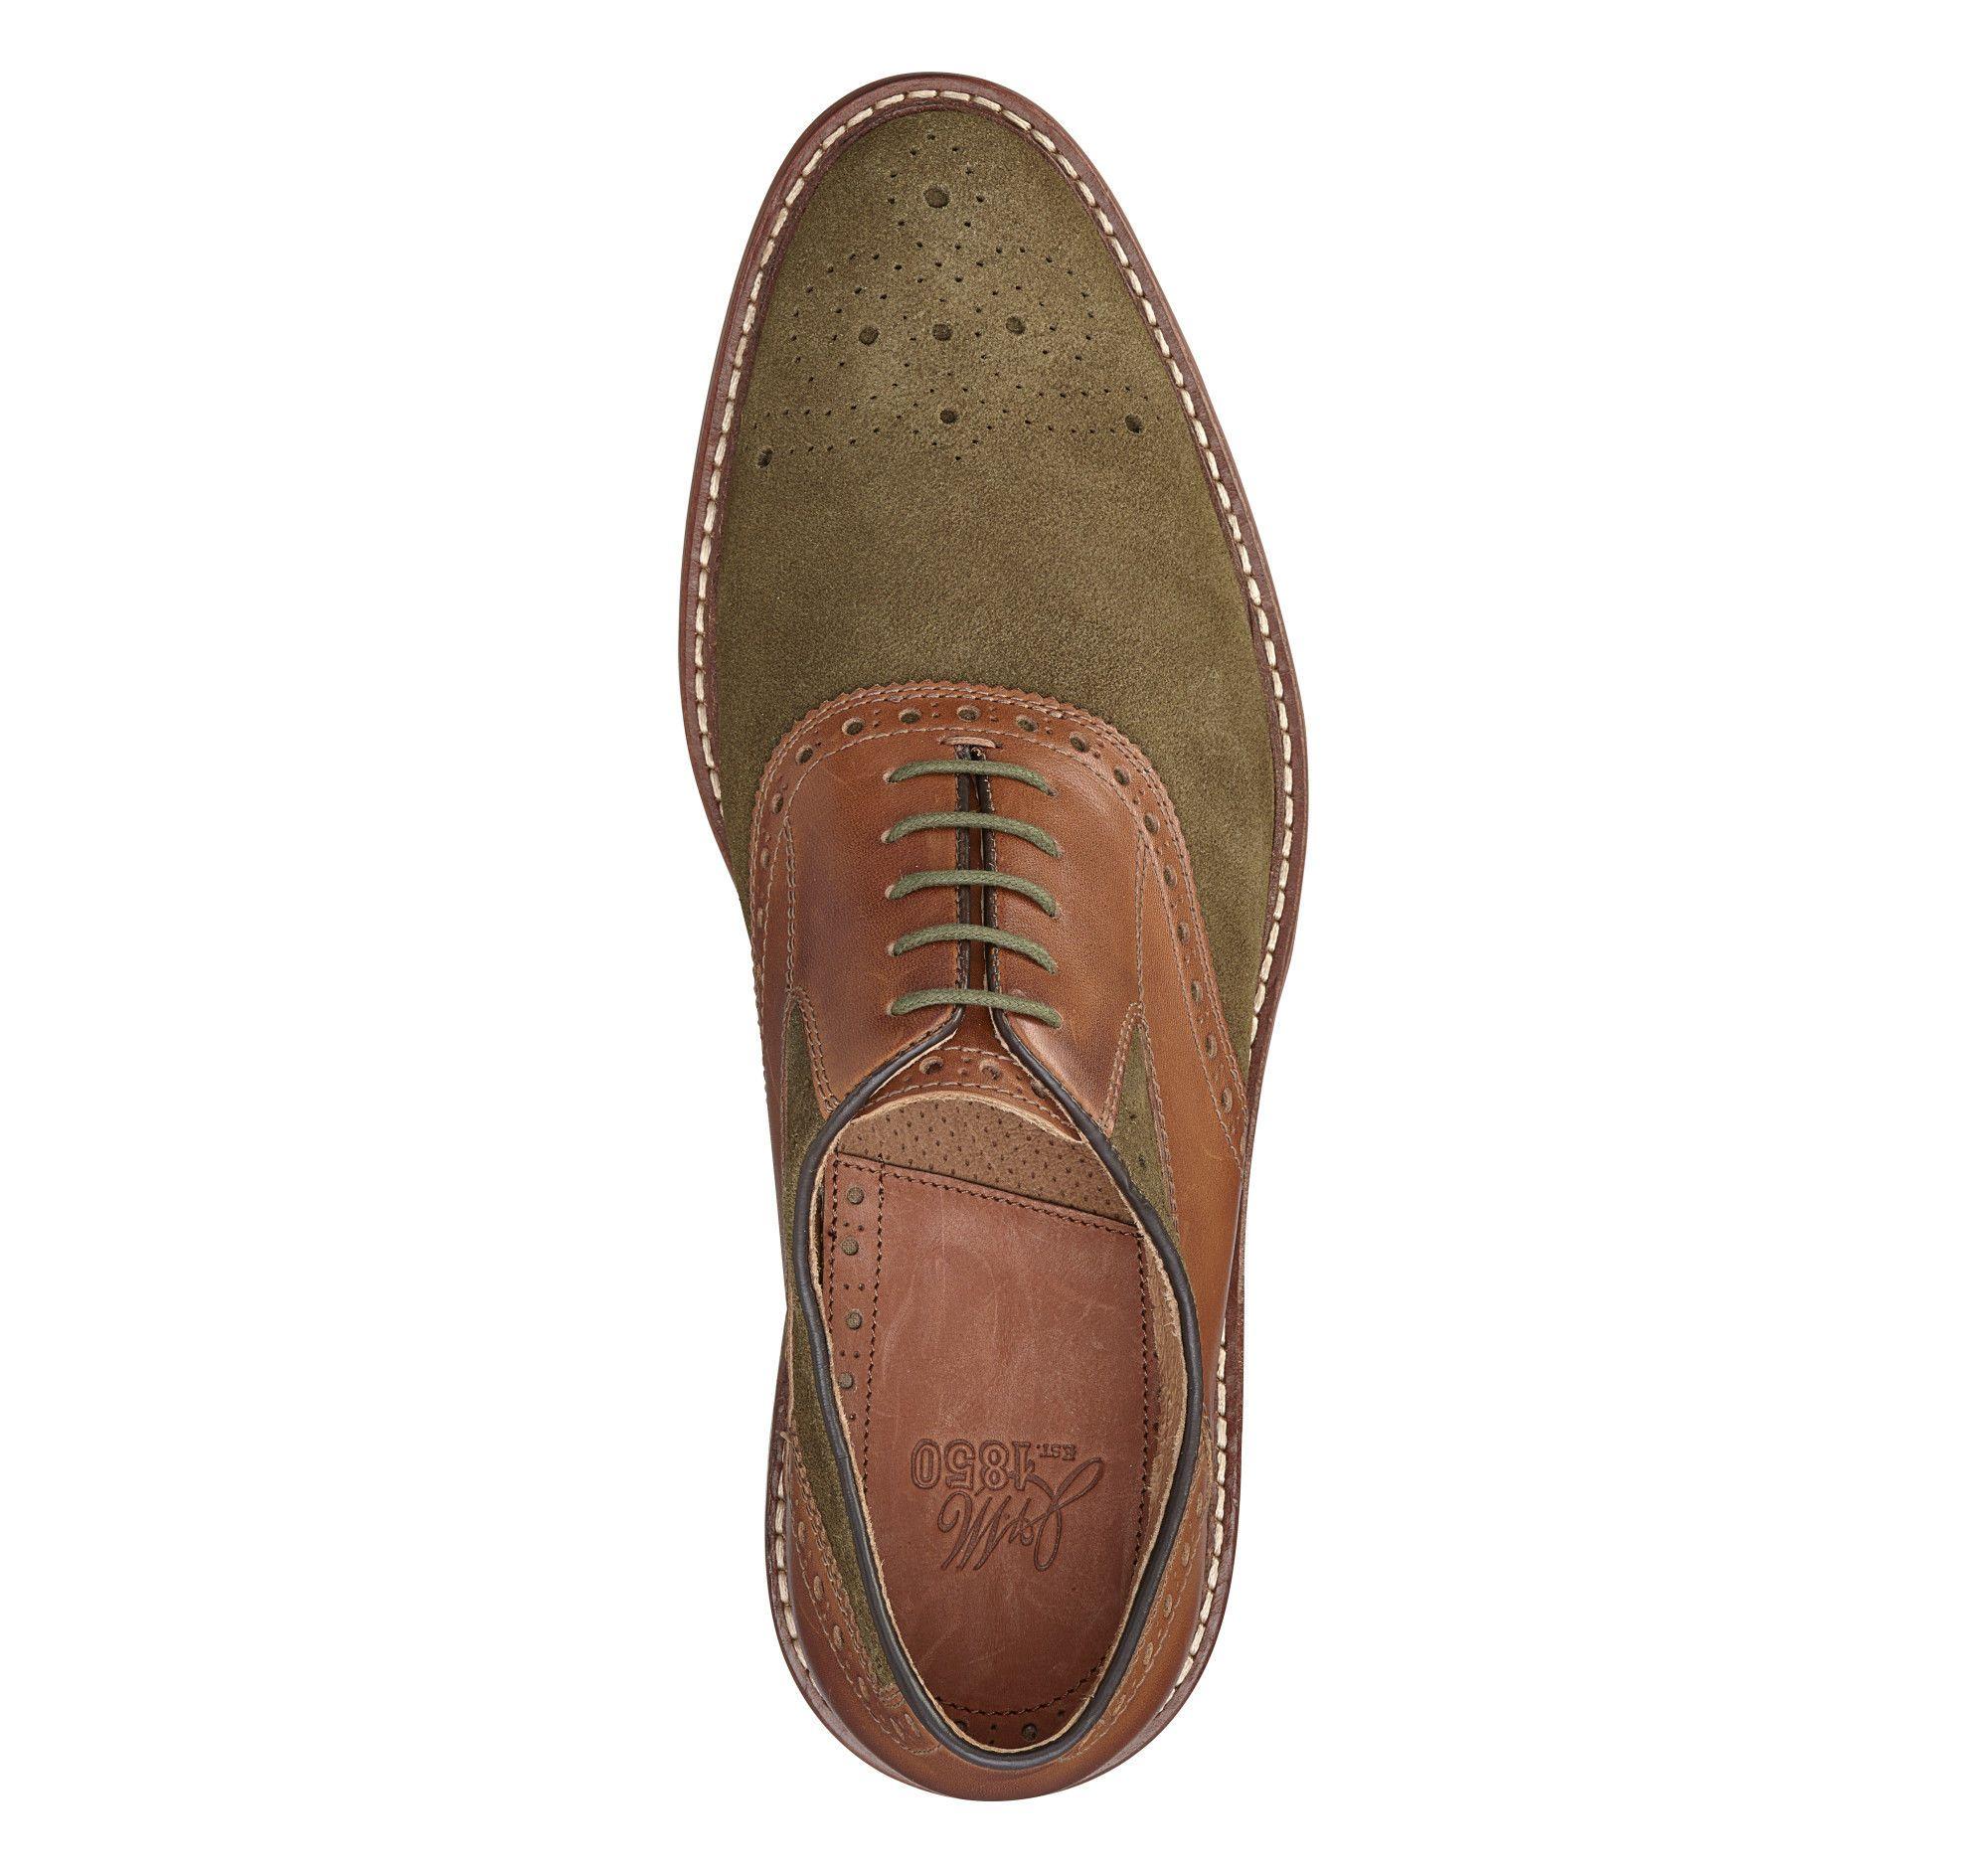 McGavock Saddle - Johnston & Murphy Shoes